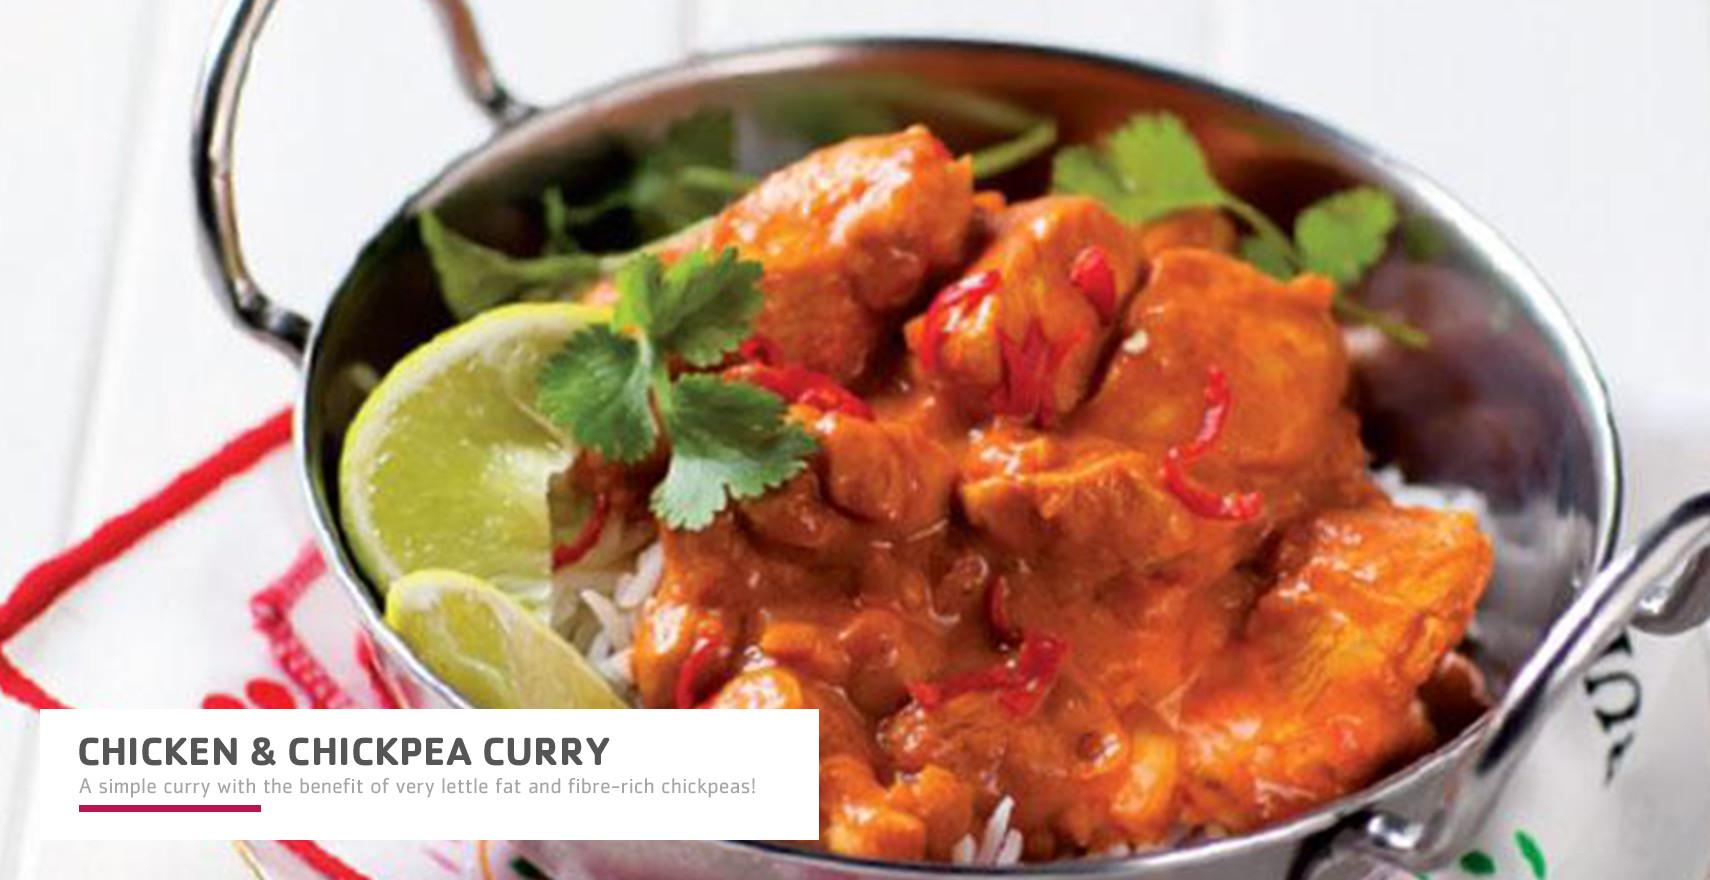 Chicken & Chickpea Curry recipe header image.jpg